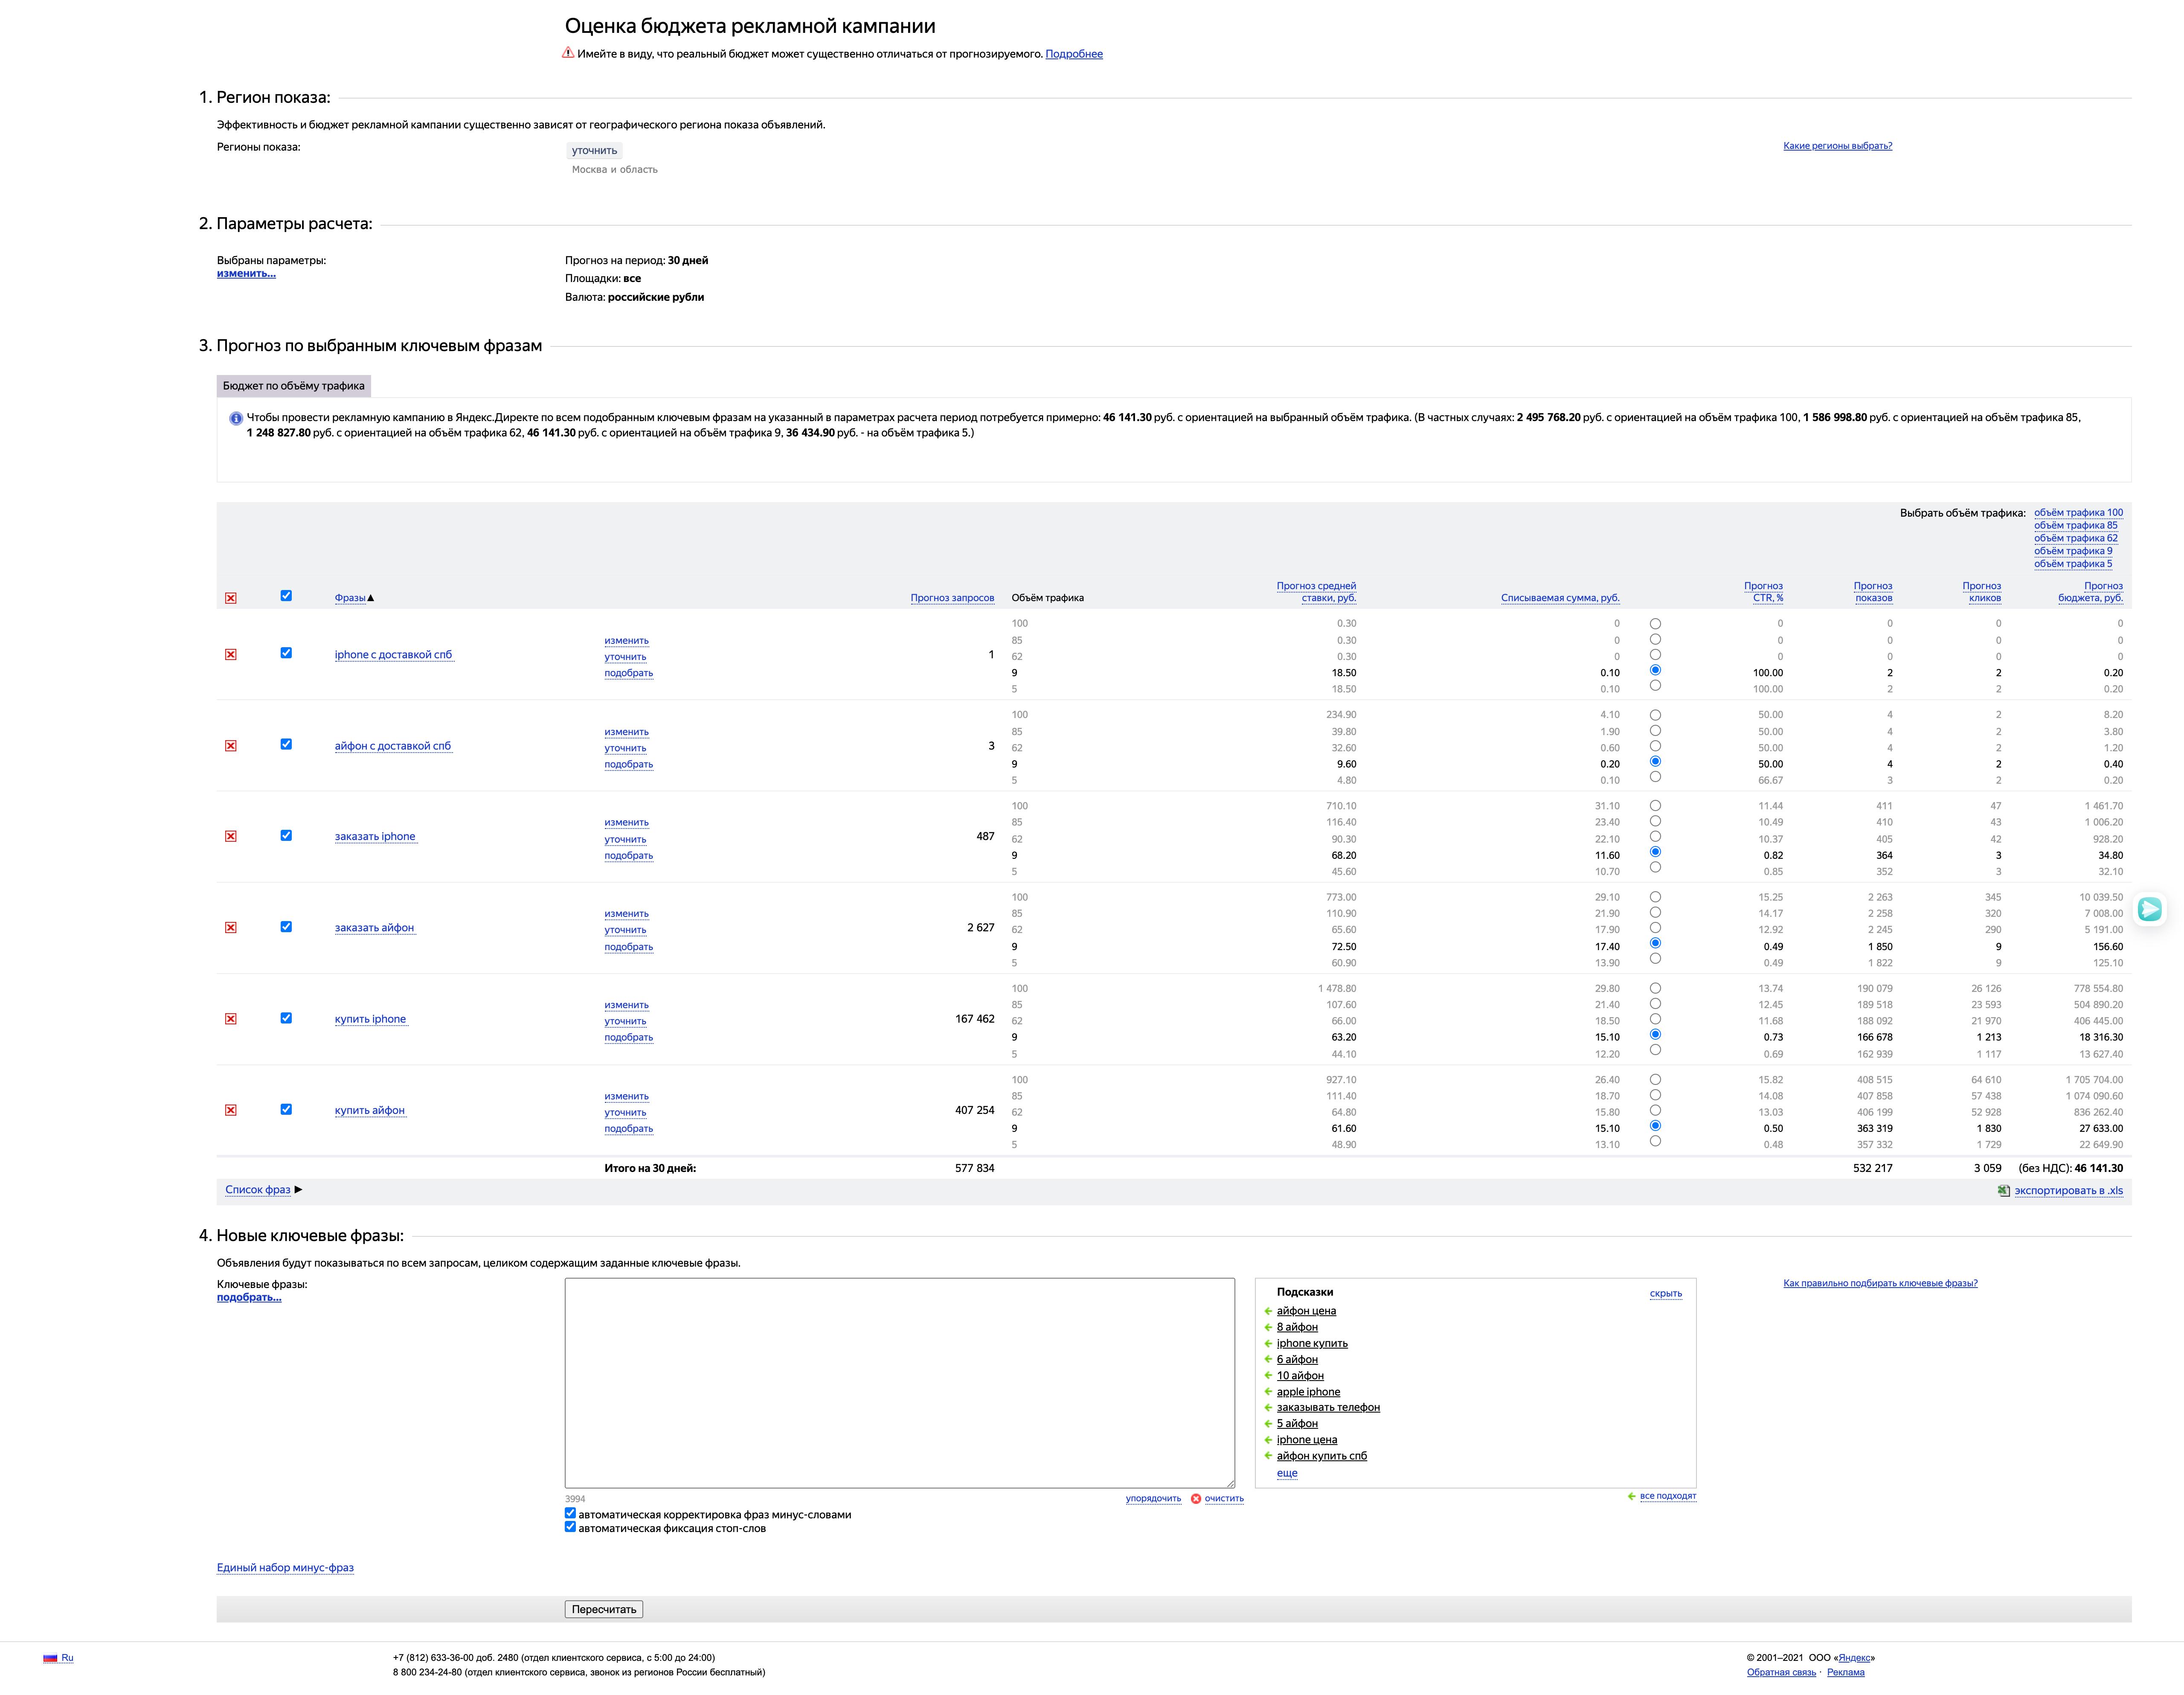 оценка бюджетной кампании от Яндекс.Директ